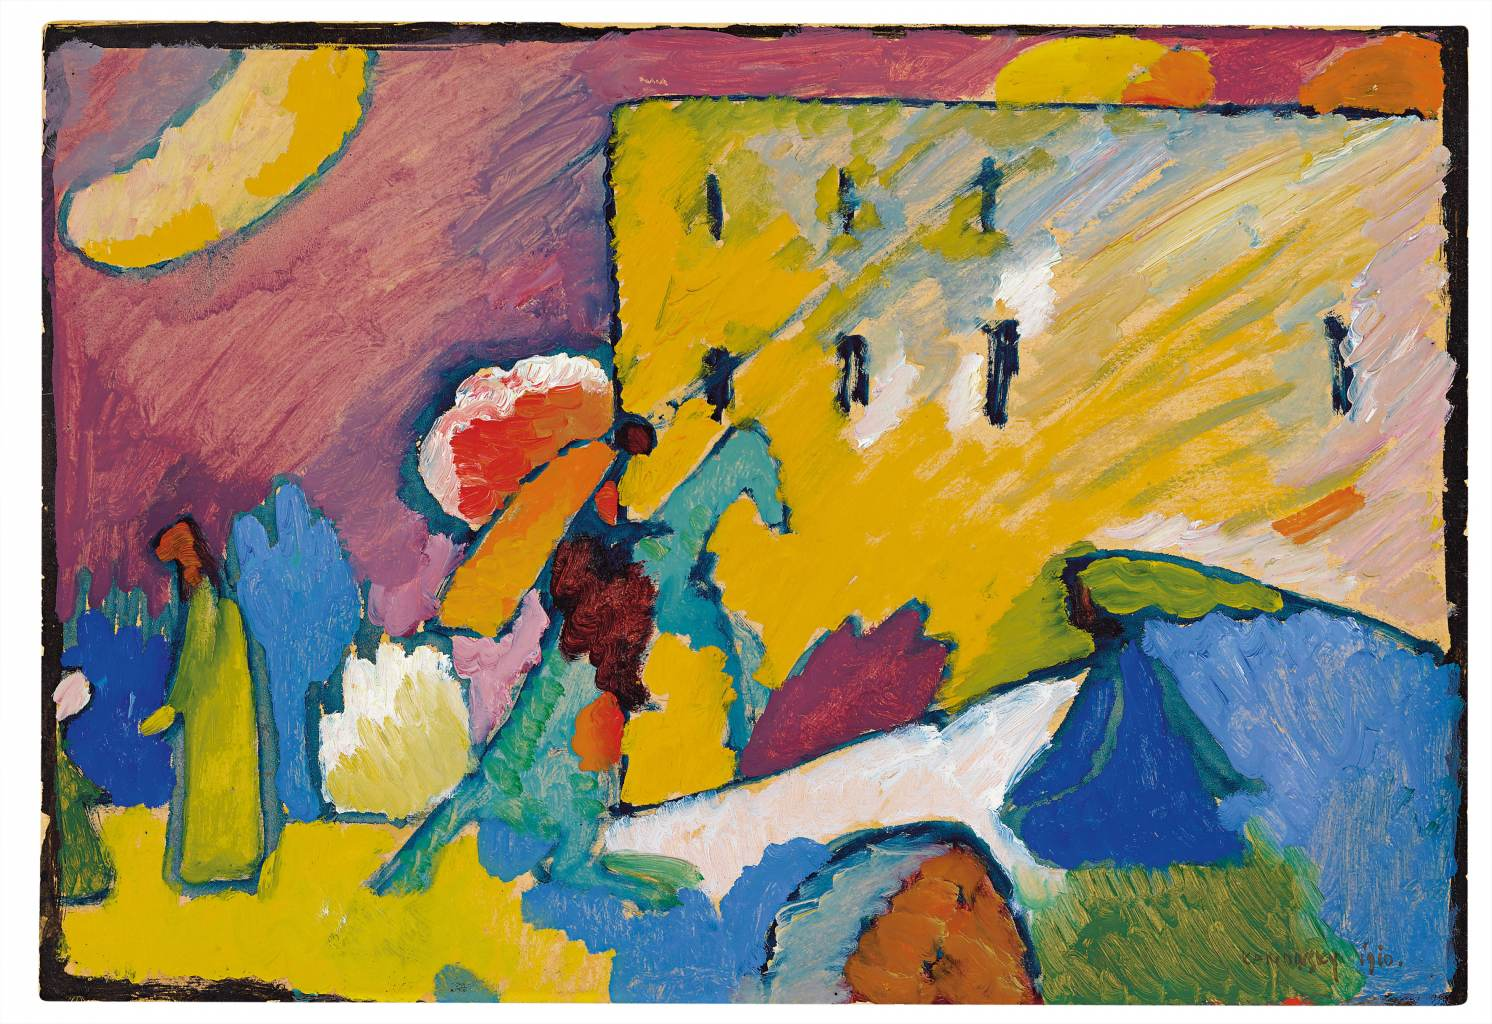 wassily kandinsky studie zu improvisation 3 1909 l und gouache auf karton - Wassily Kandinsky Lebenslauf